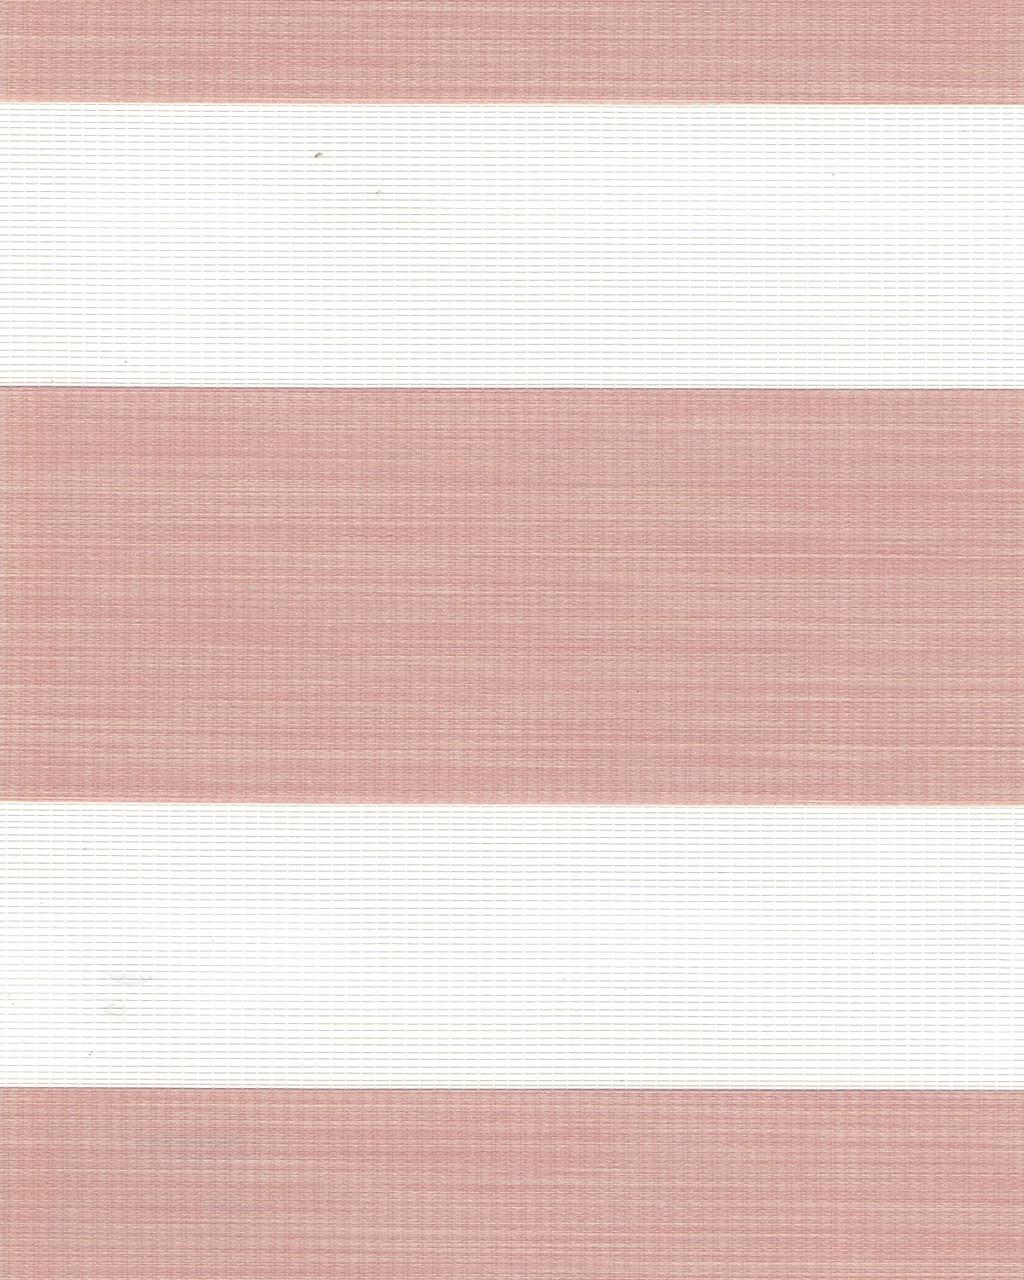 Тканевая ролета День-Ночь Олимпос 2091 розовый, 50*170 см